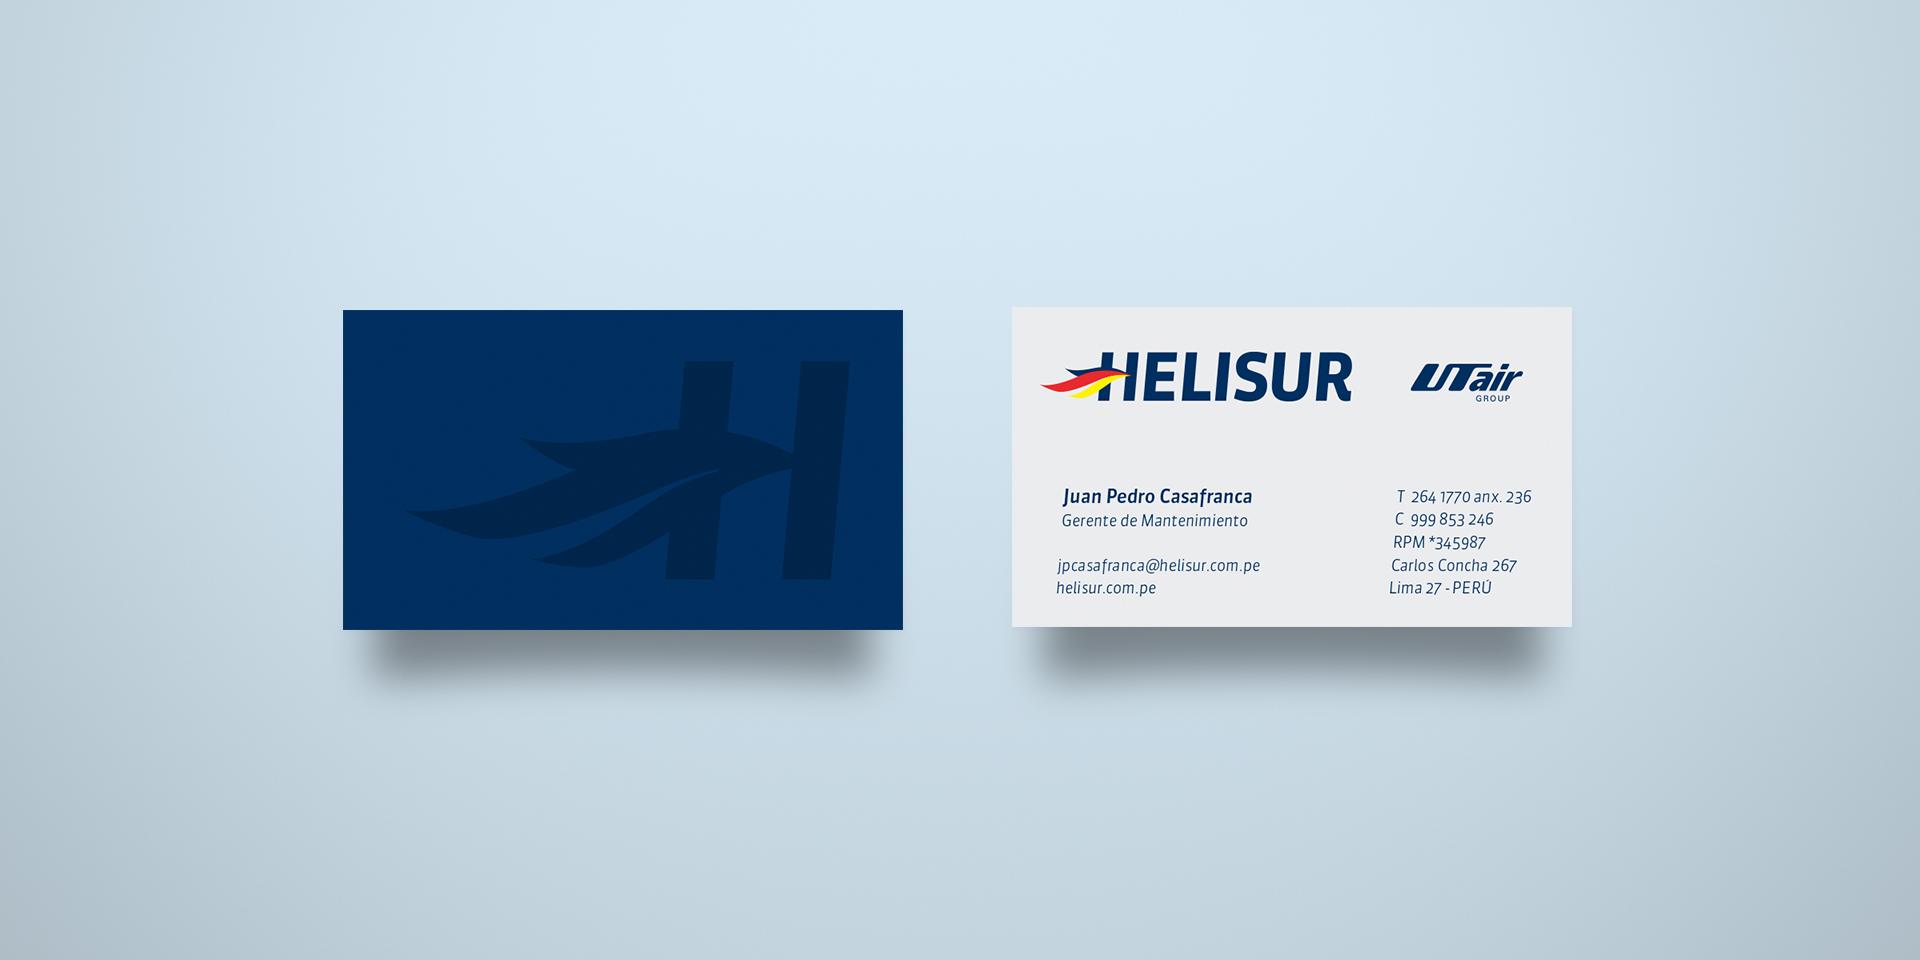 Helisur-tarjetas